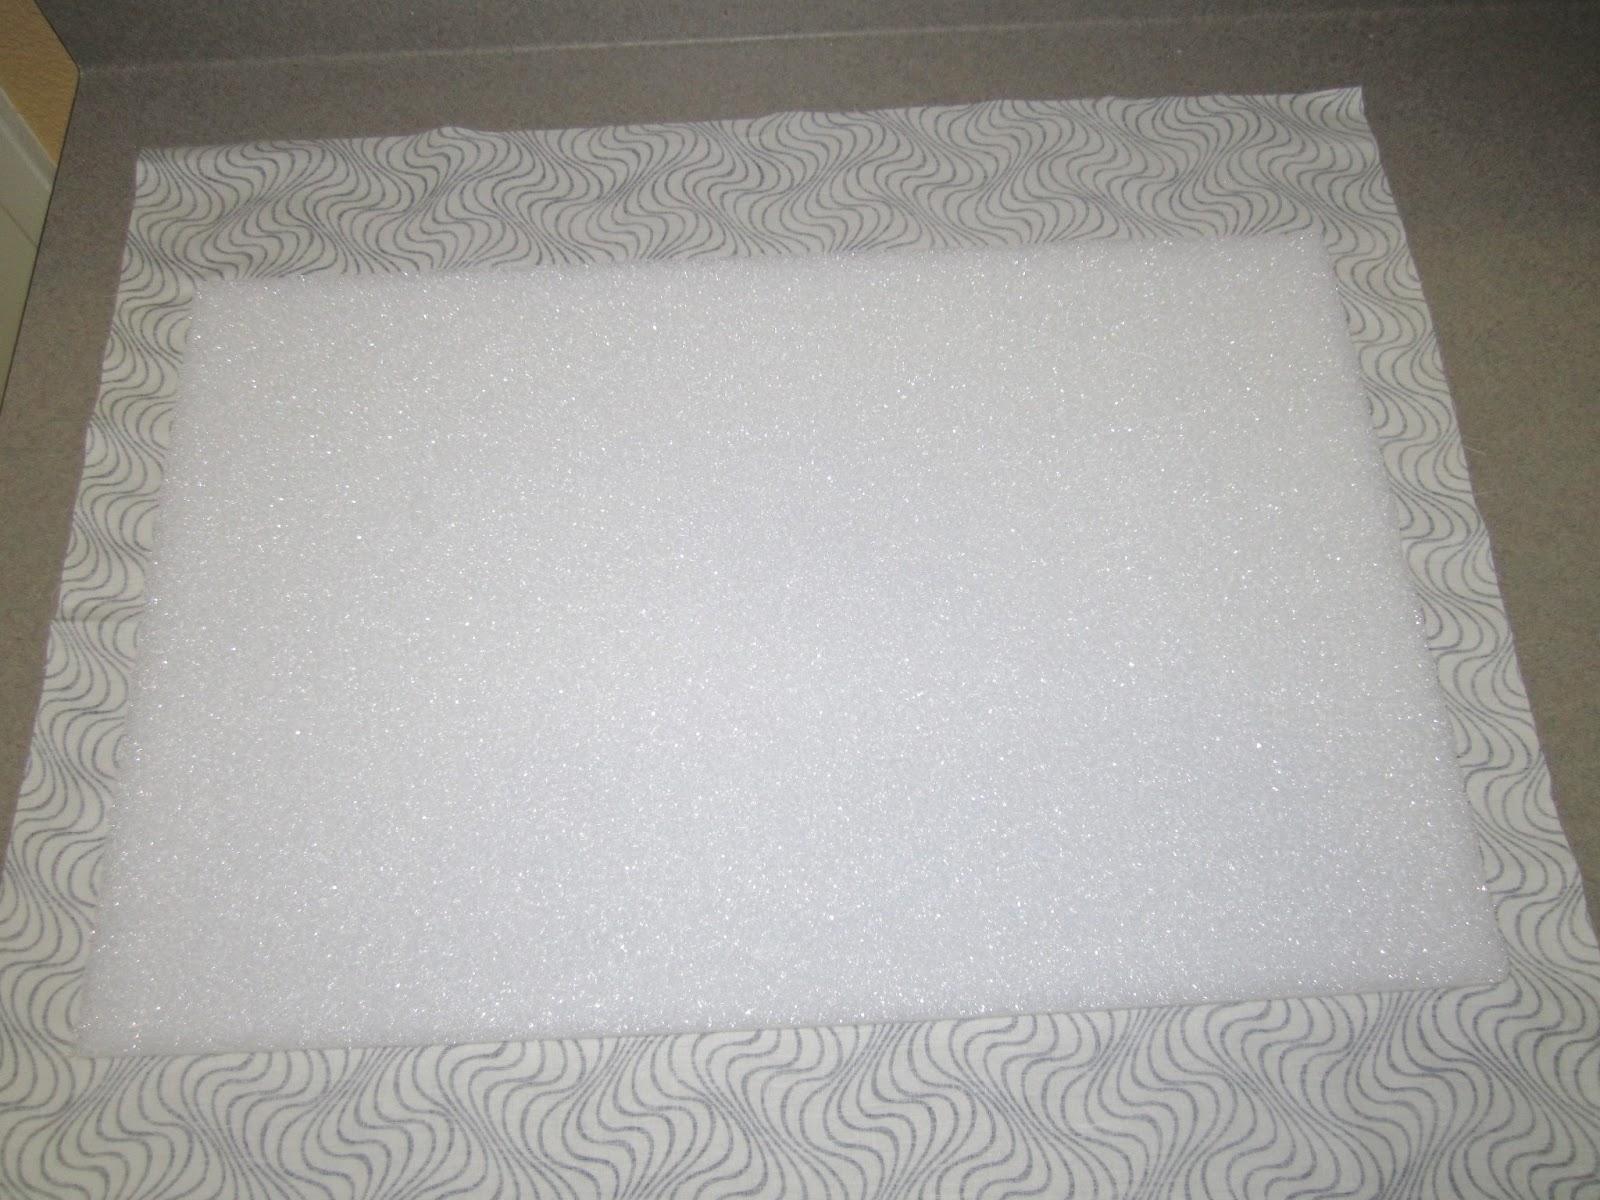 Foam Letters Wall Decor : Styrofoam wall art on diy